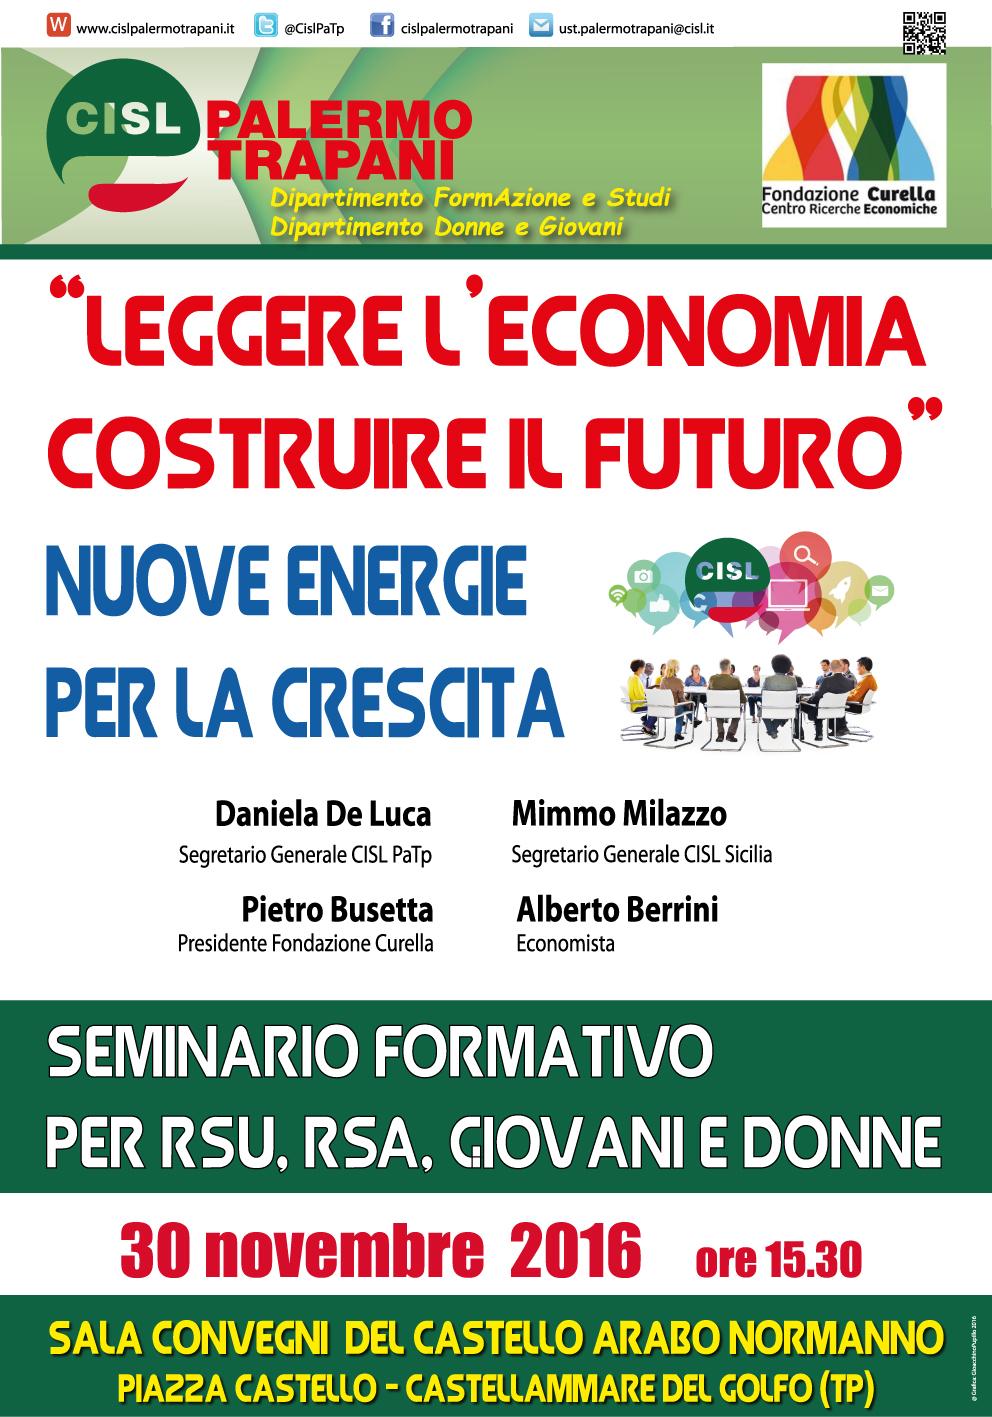 SEMINARIO FORMATIVO: CASTELLAMMARE DEL GOLFO 30/11/2016